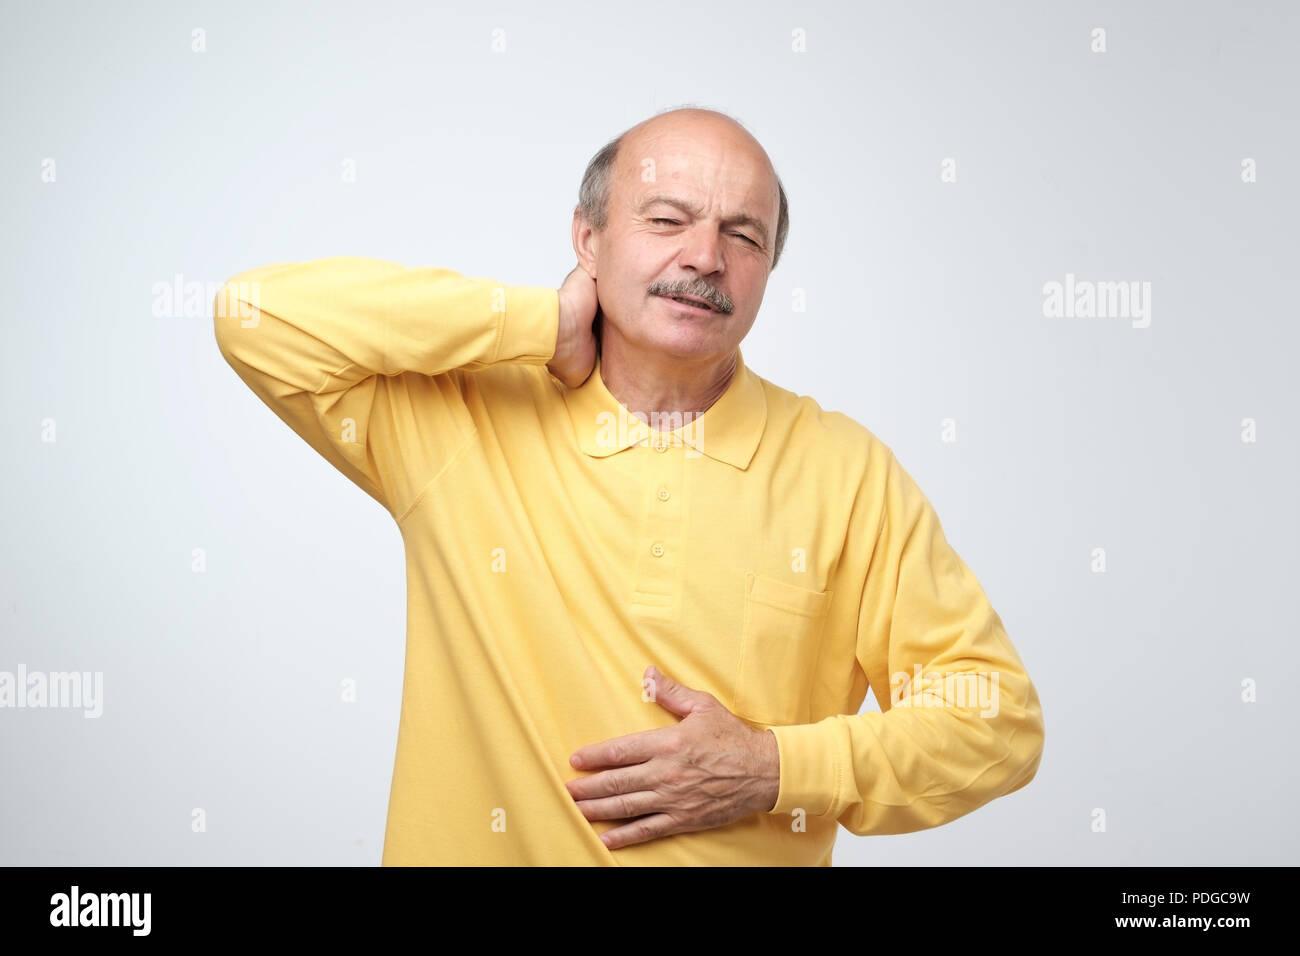 Nahaufnahme von reifer Mann im gelben T-Shirt mit geschlossenen Augen seinen Hals berühren in den Schmerz. Gesundheitliche Probleme im Alter, Neuralgie Konzept Stockfoto